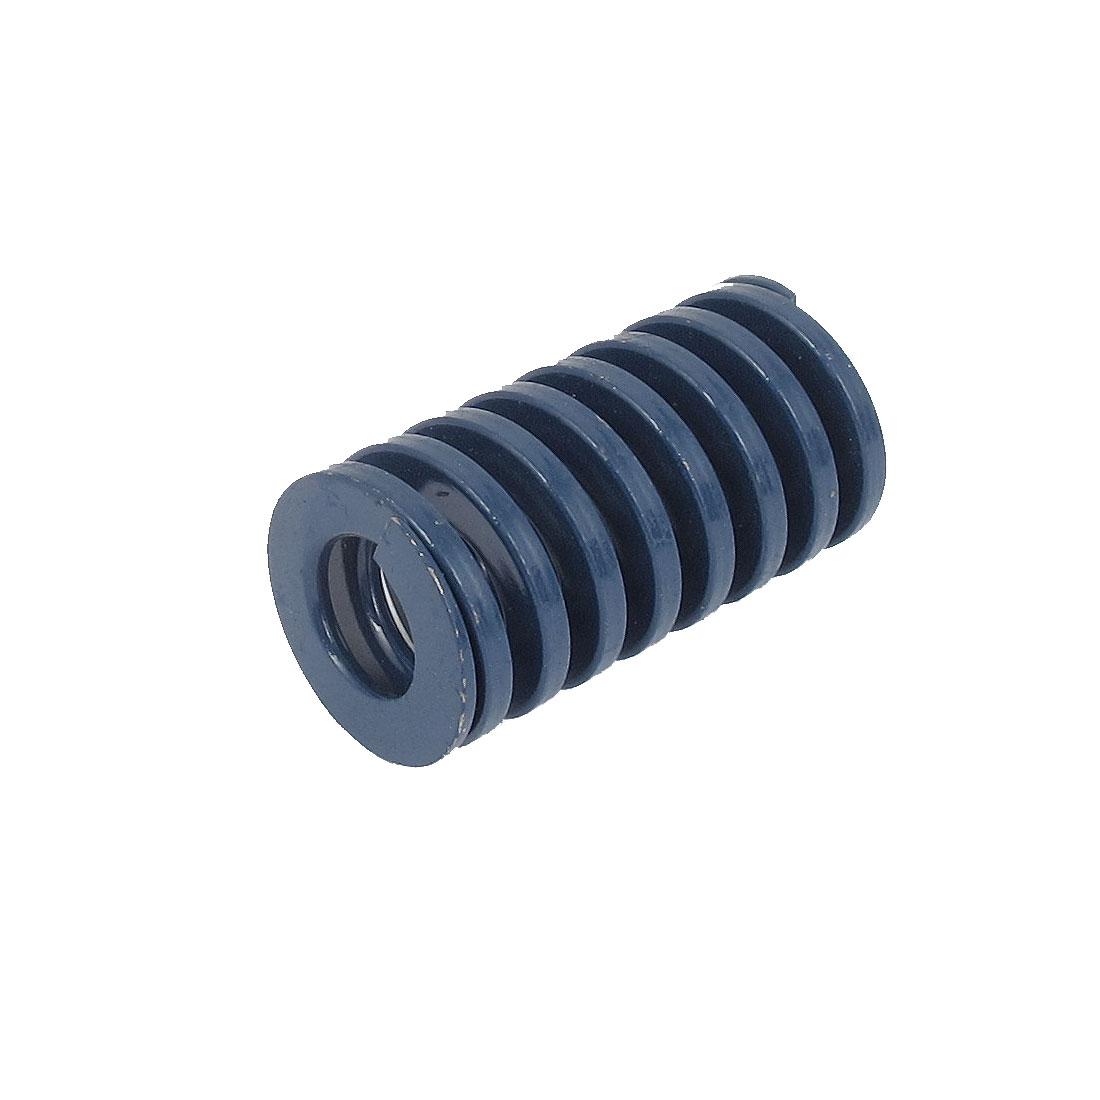 22mm OD 40mm Long Light Load Spiral Stamping Compression Die Spring Blue